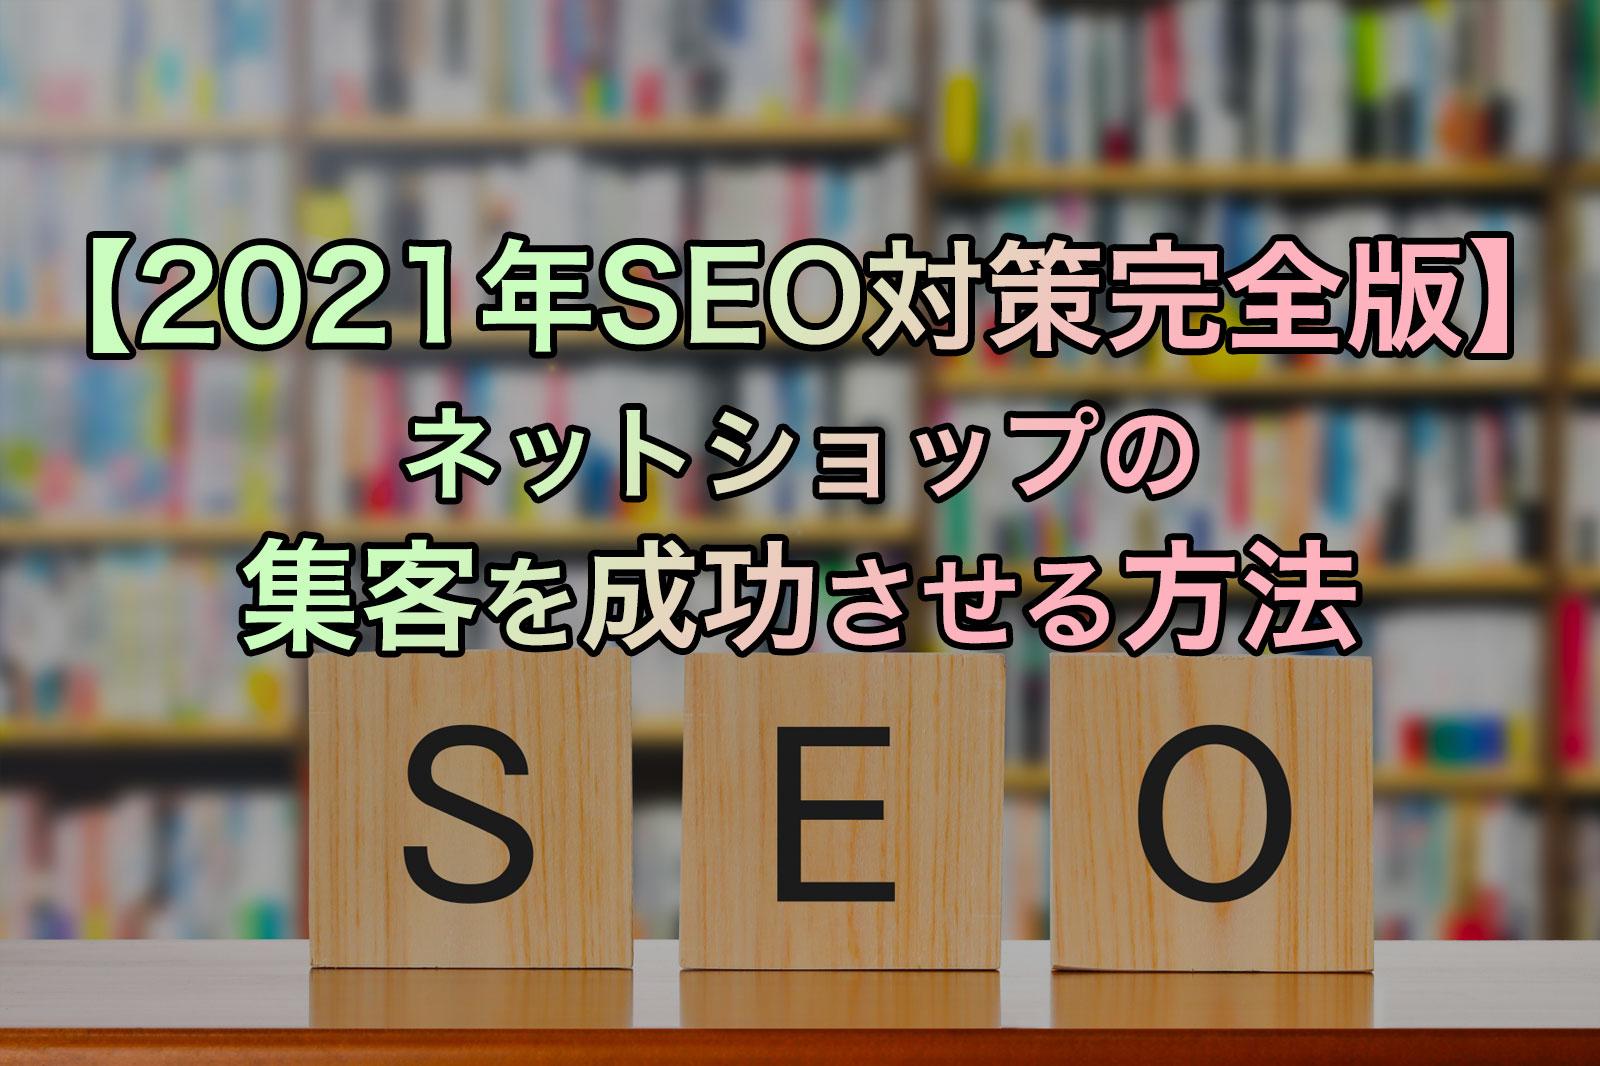 【2021年SEO対策完全版】ネットショップの集客を成功させる方法